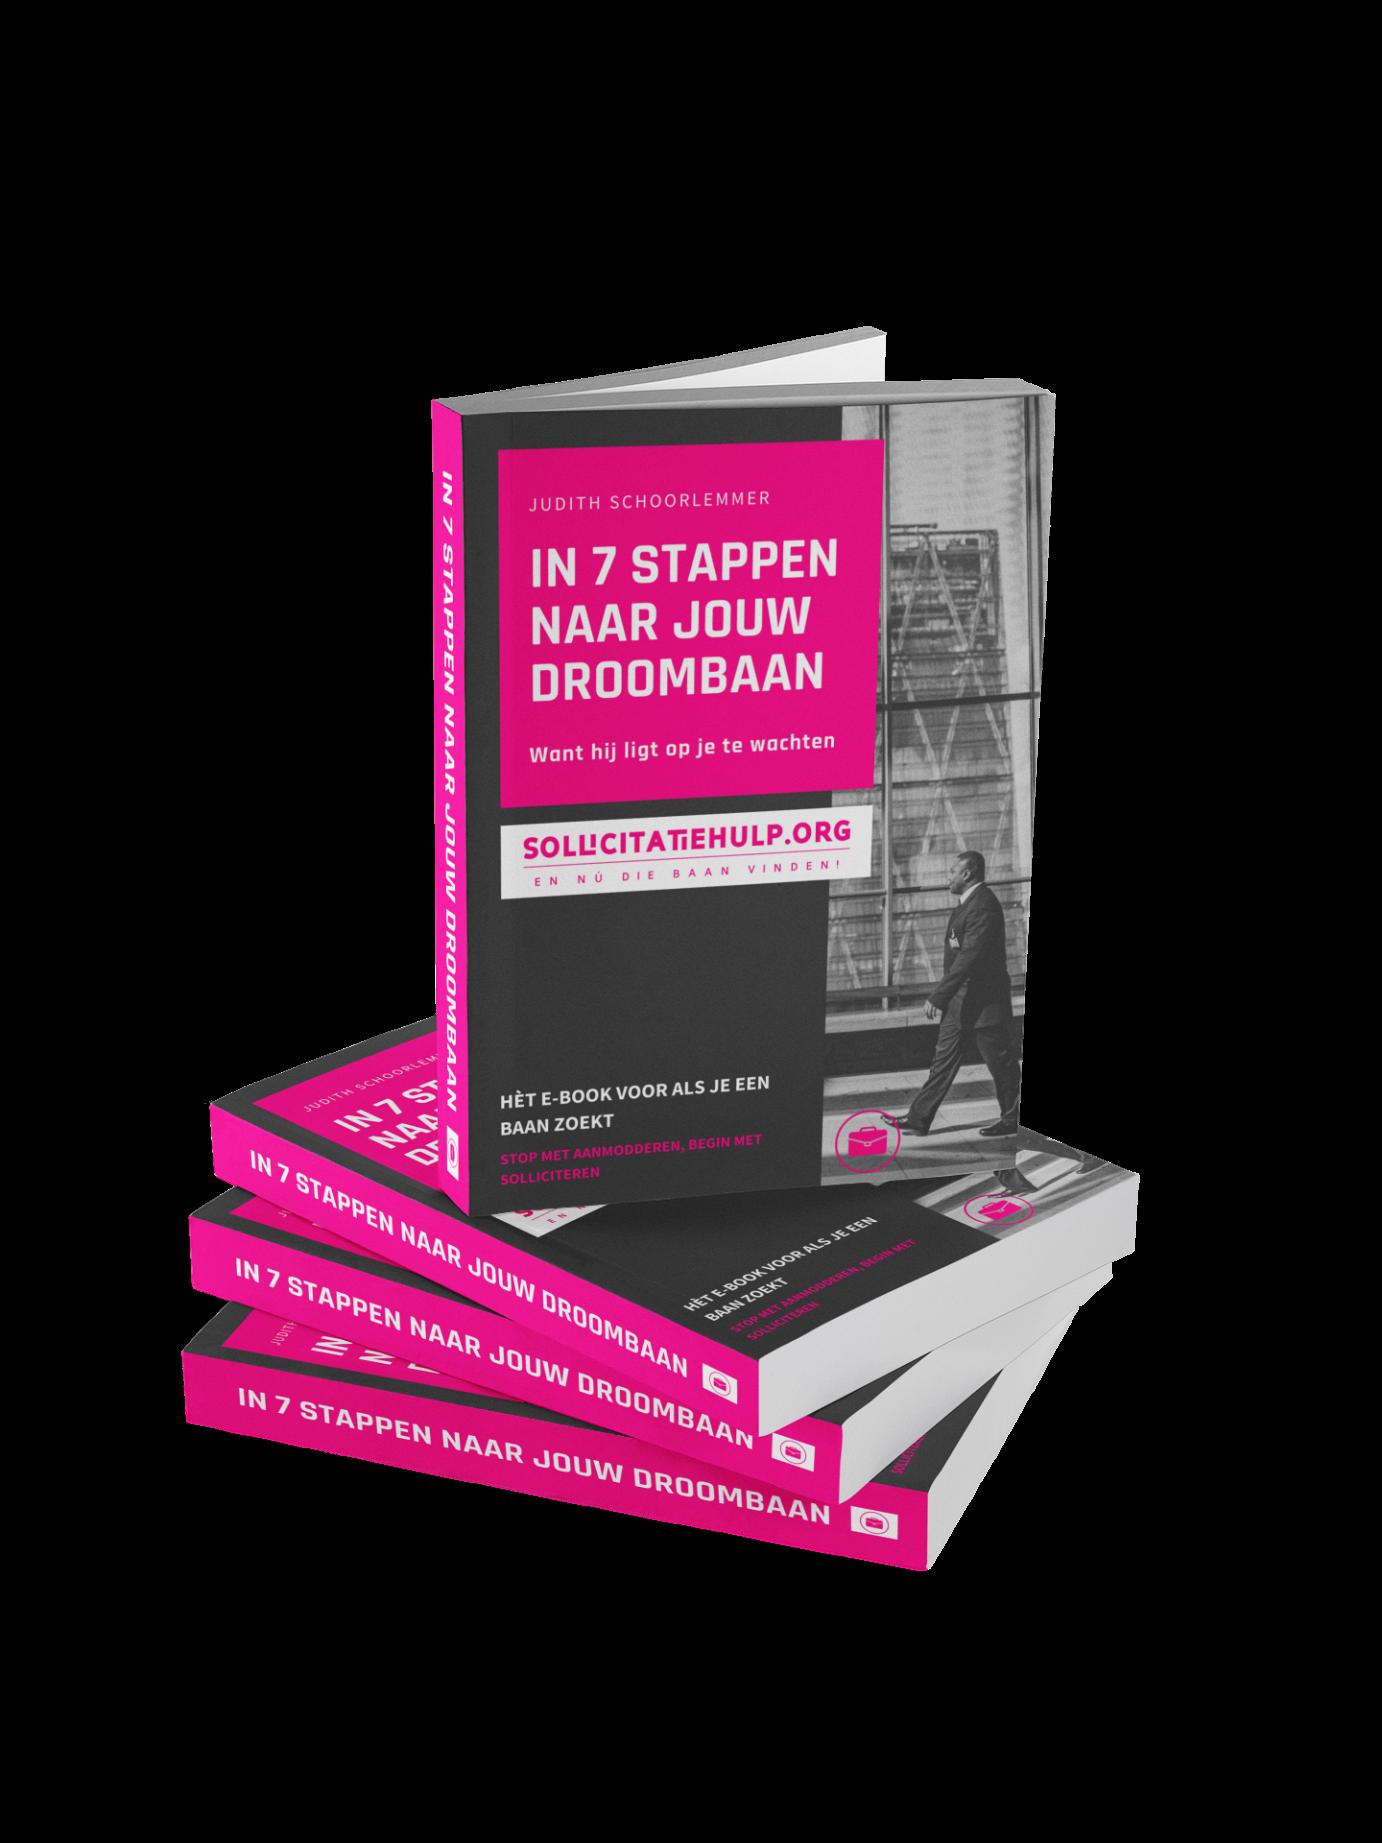 E-book over solliciteren